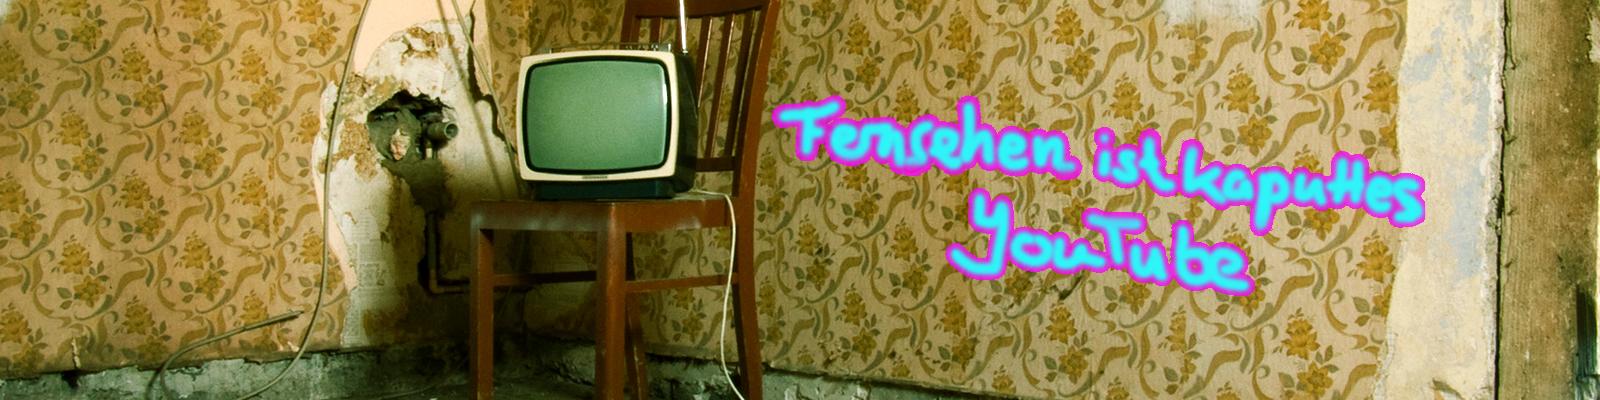 Ein alter Fernsehapparat steht vor einer halb abgepiddelten Tapete